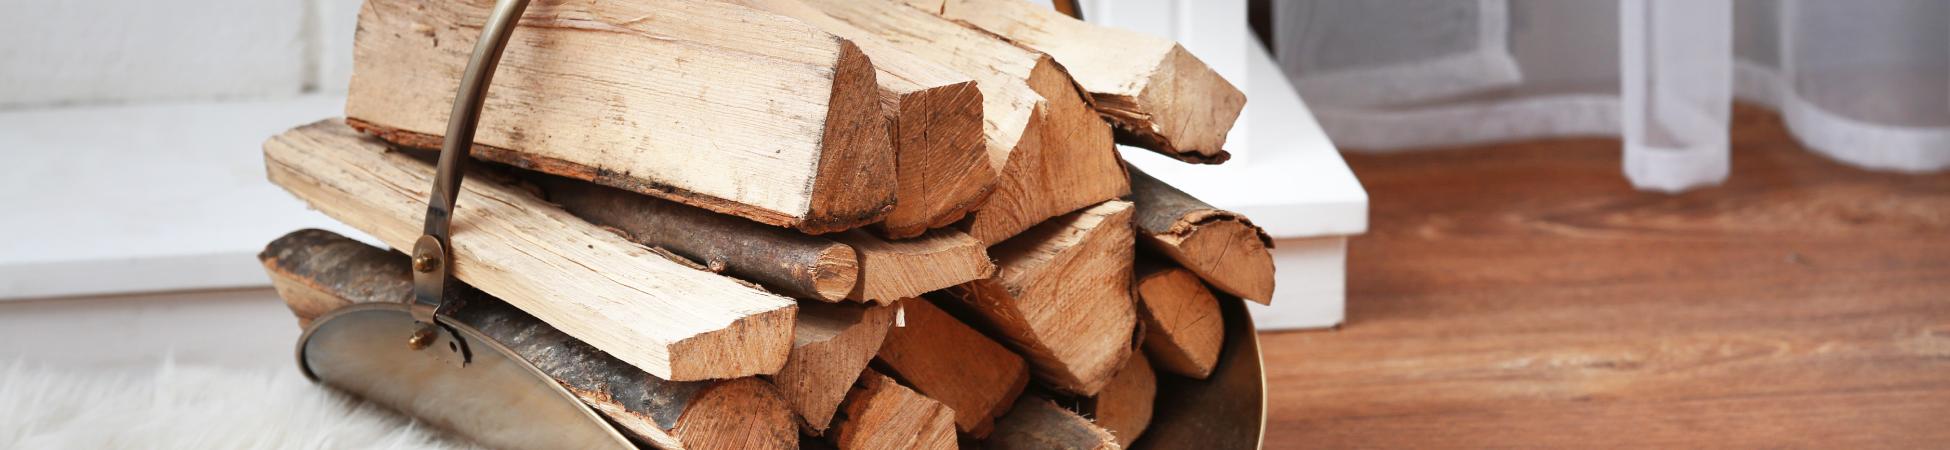 Chauffage au bois - 809€ Prime énergie